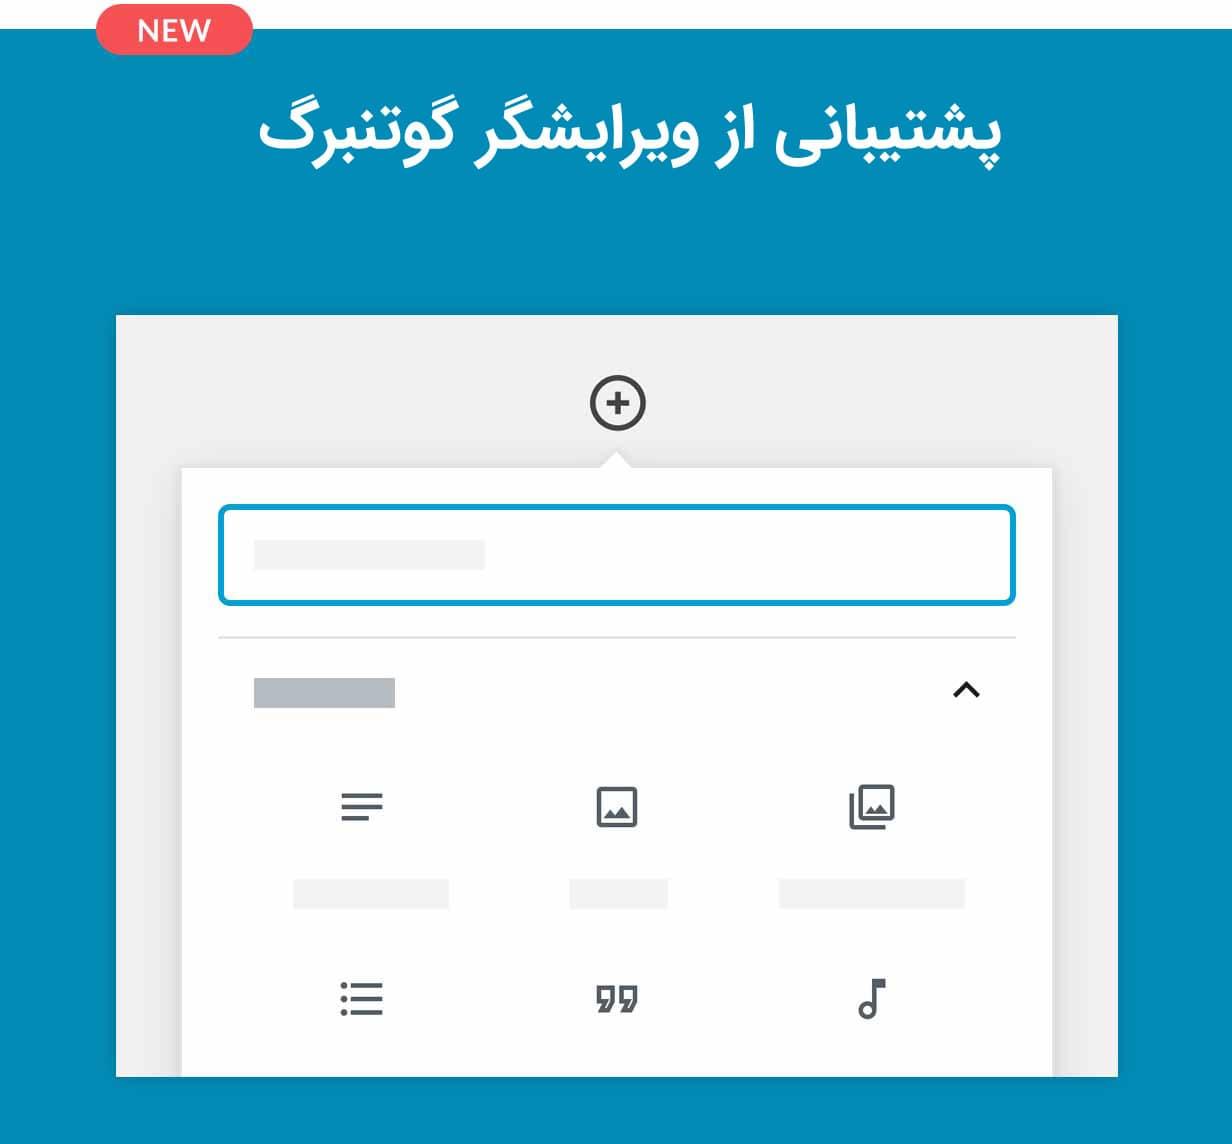 قالب خبری و مجلهای جنه | Jannah Theme 5